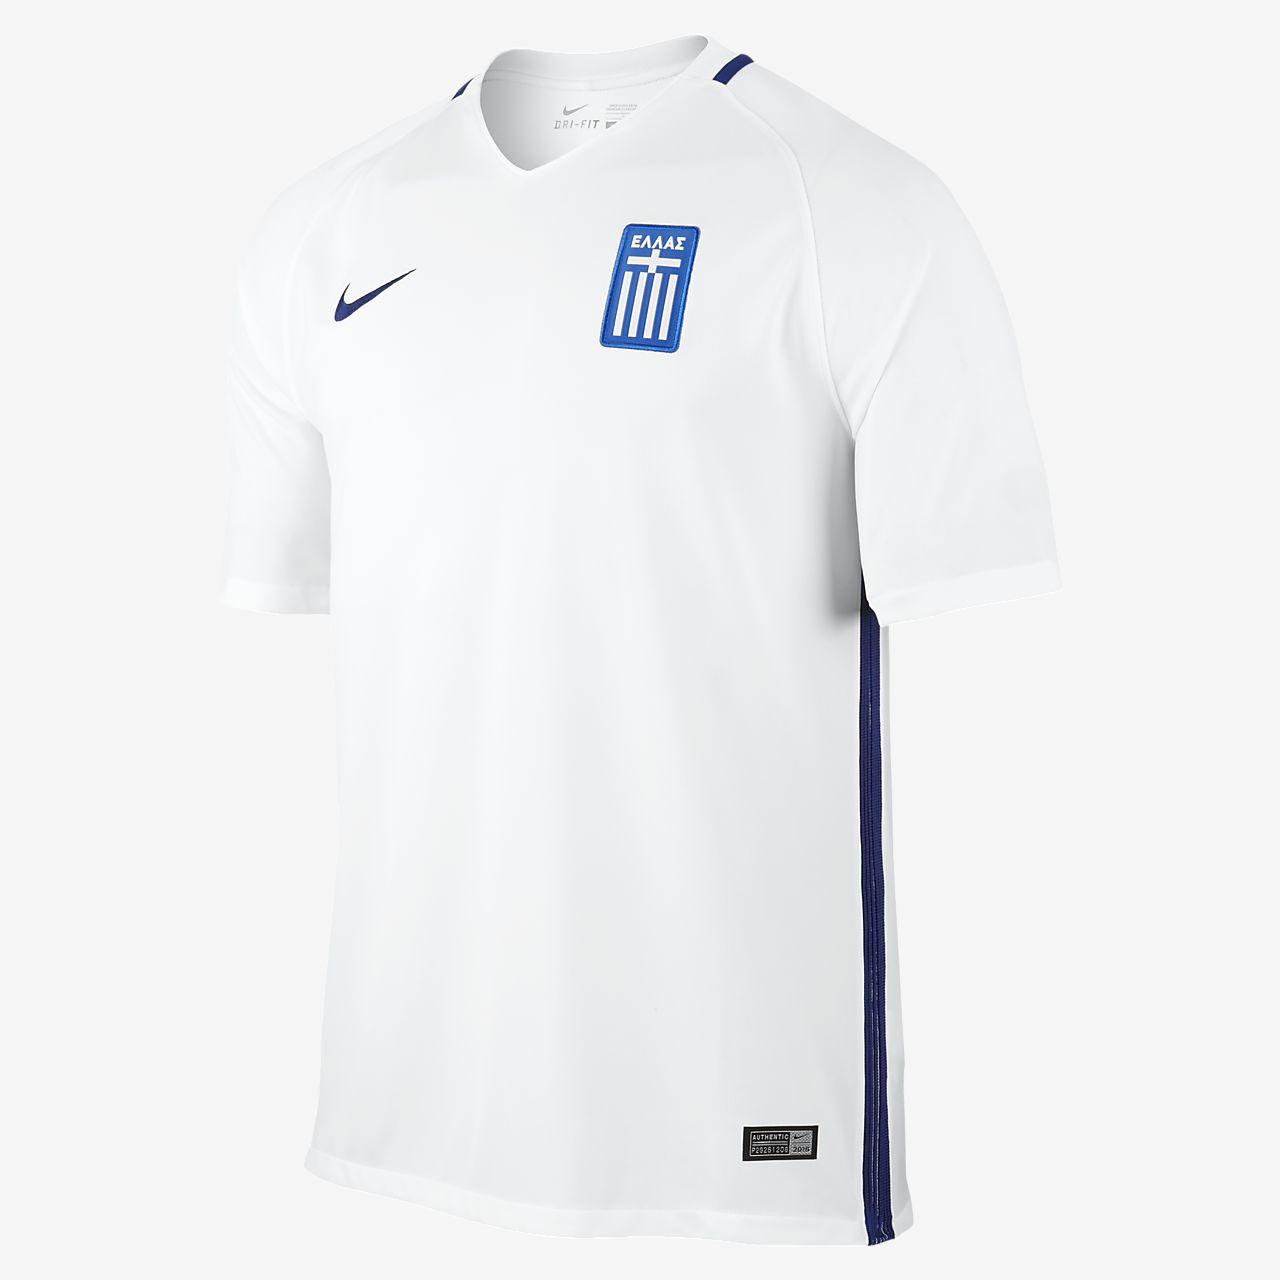 2016 Greece Stadium Home/Away Men's Football Shirt